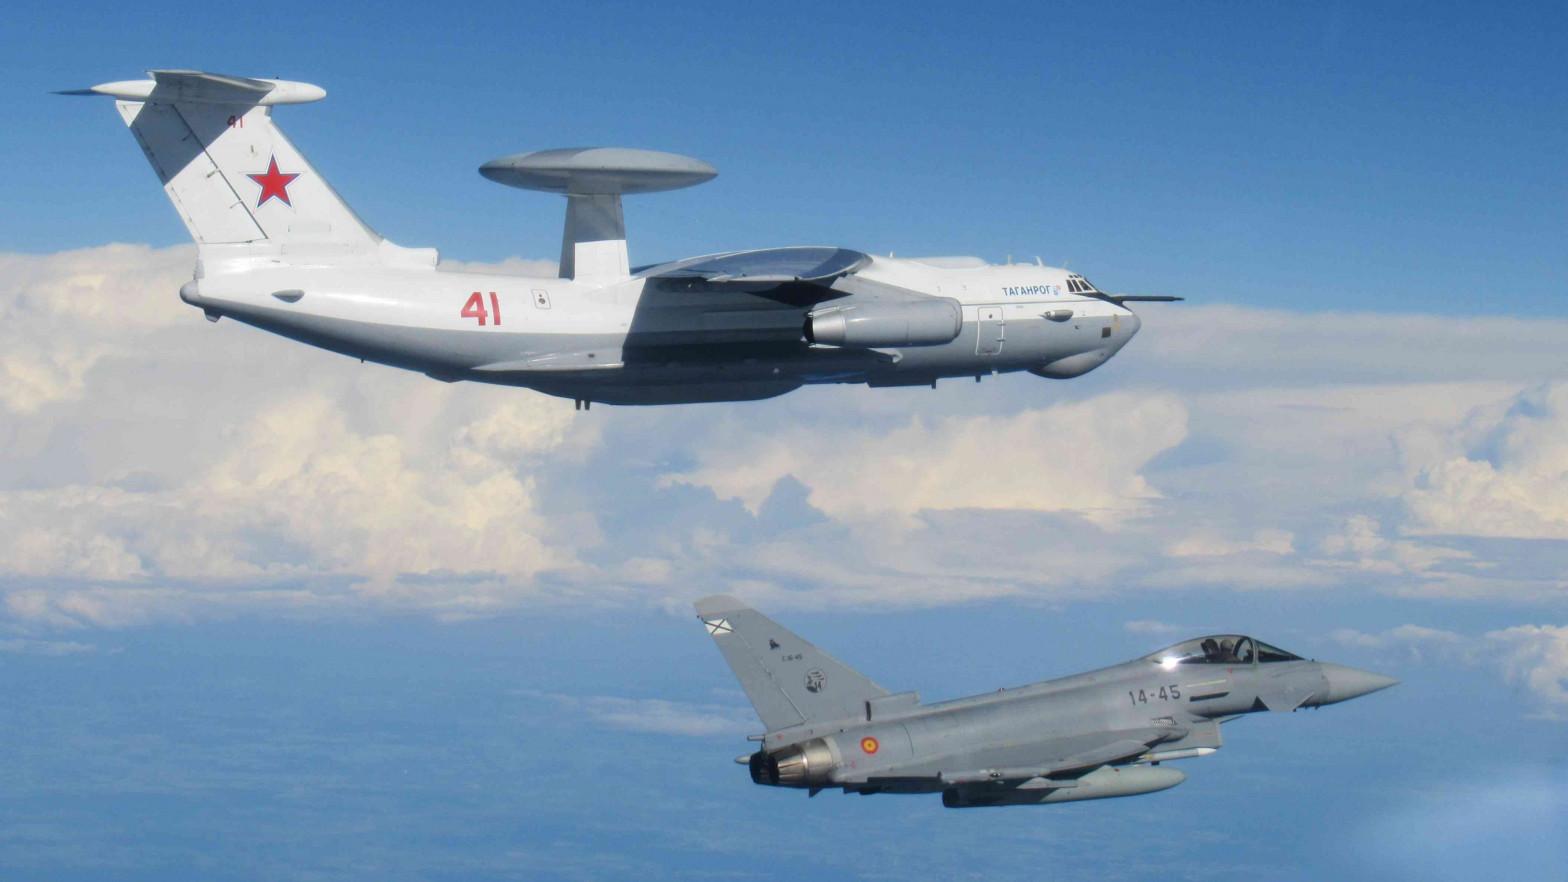 Cazas españoles interceptan un avión ruso que cruzaba los países bálticos sin permiso